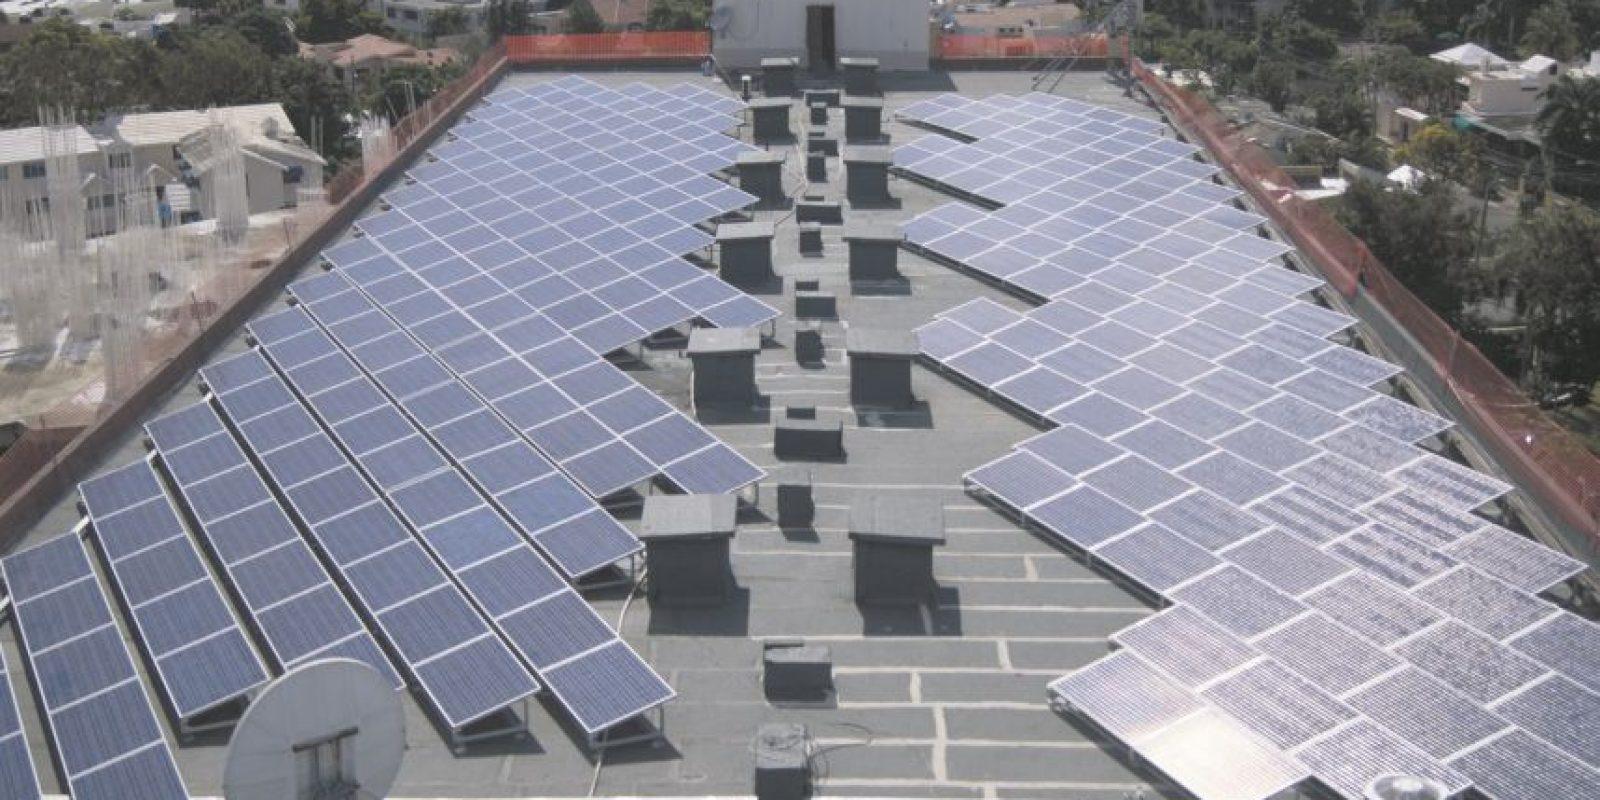 El sector privado se queja de que le quieran cambiar las reglas de juego a los proyectos de energía solar. Foto:Roberto Guzmán